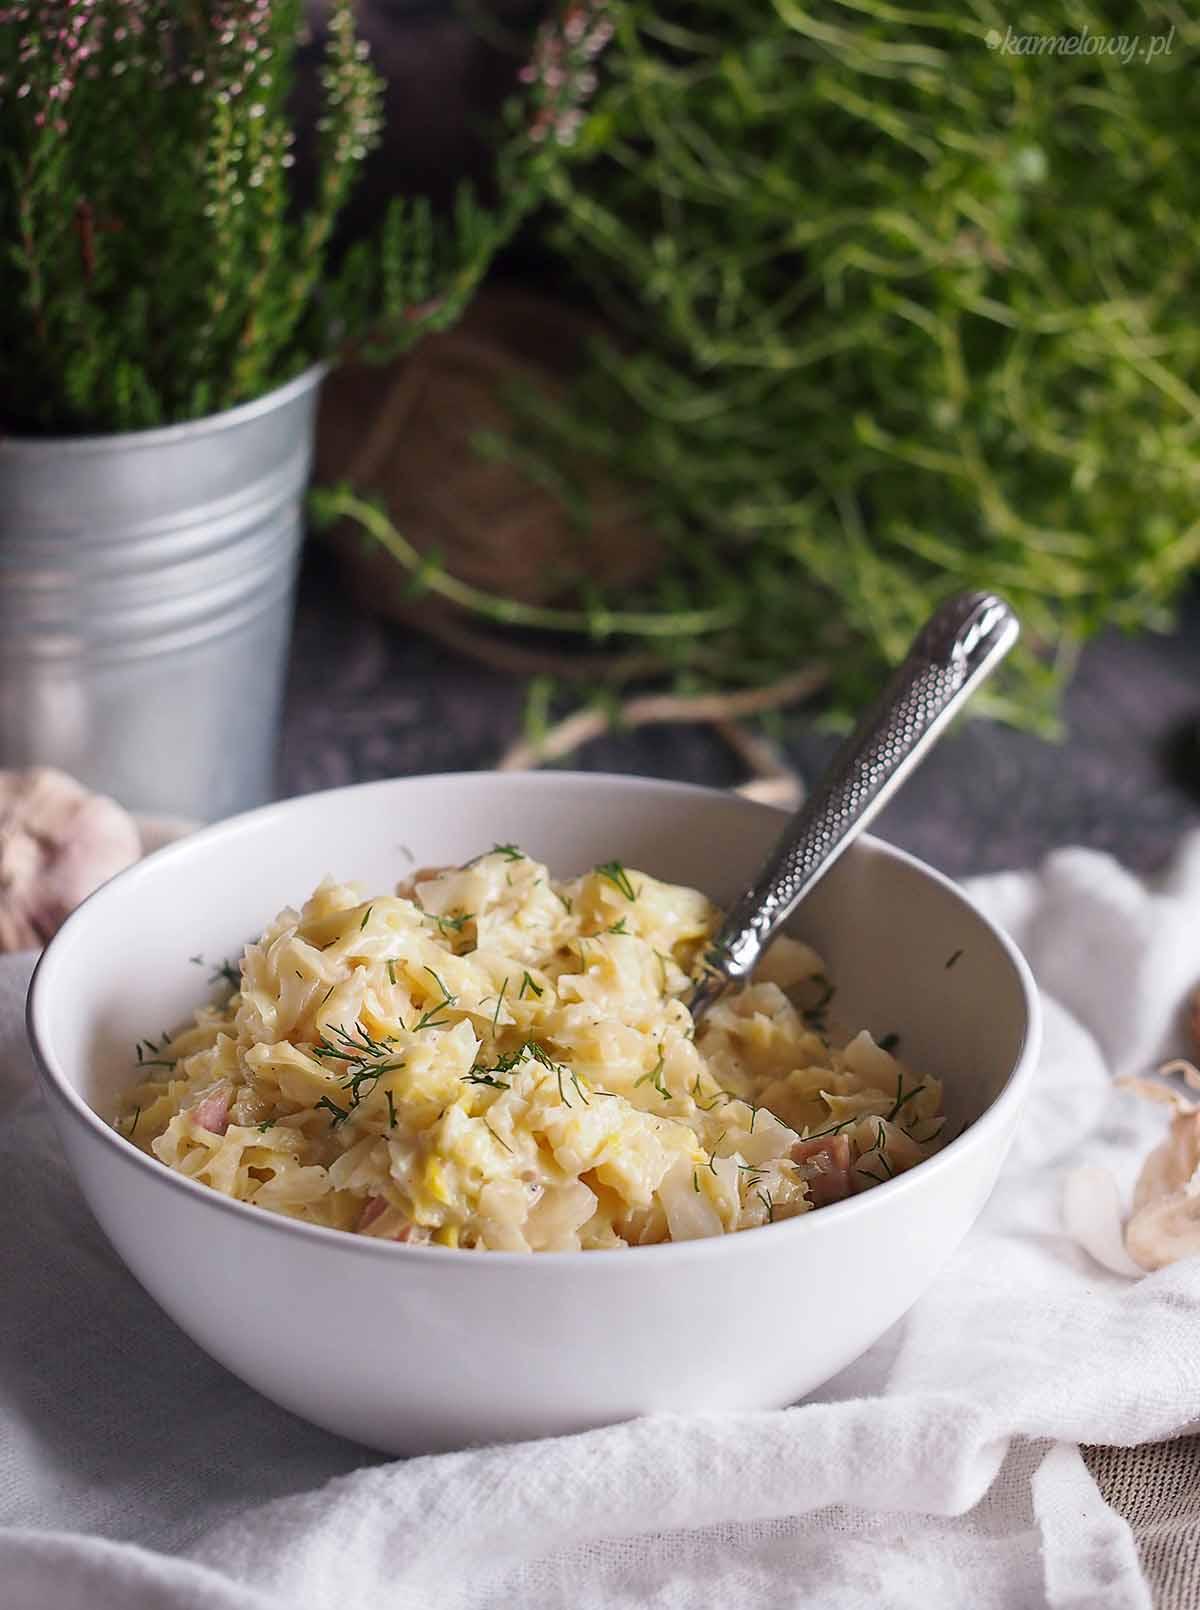 Smietankowa-kapusta-z-boczkiem-Creamy-cabbage-with-bacon